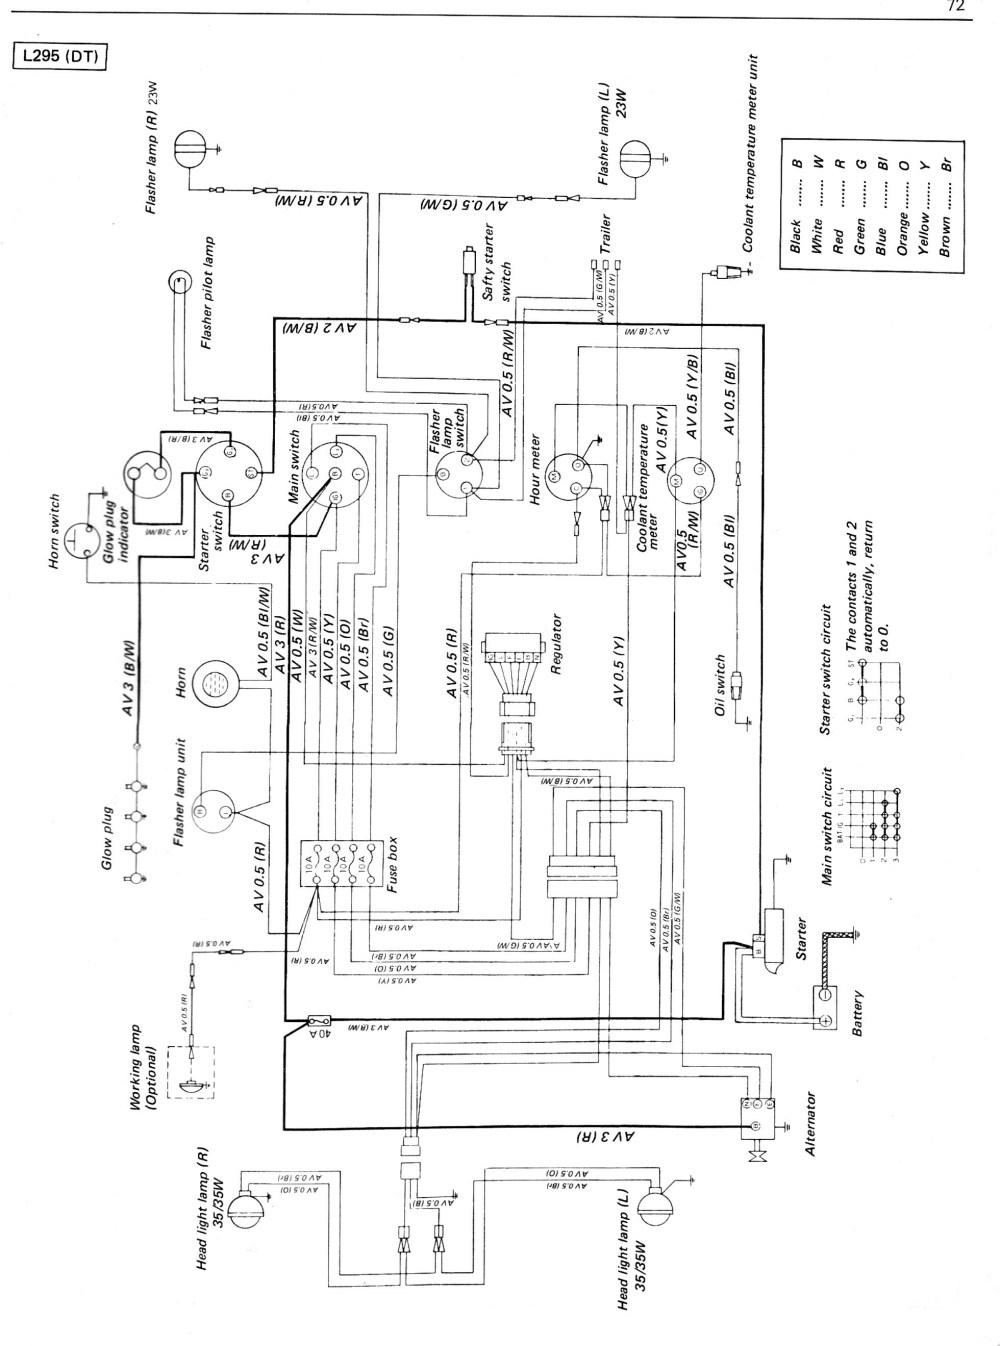 medium resolution of 7 3 diesel engine diagram vw wiring diagram alternator new diesel engine alternator wiring of 7